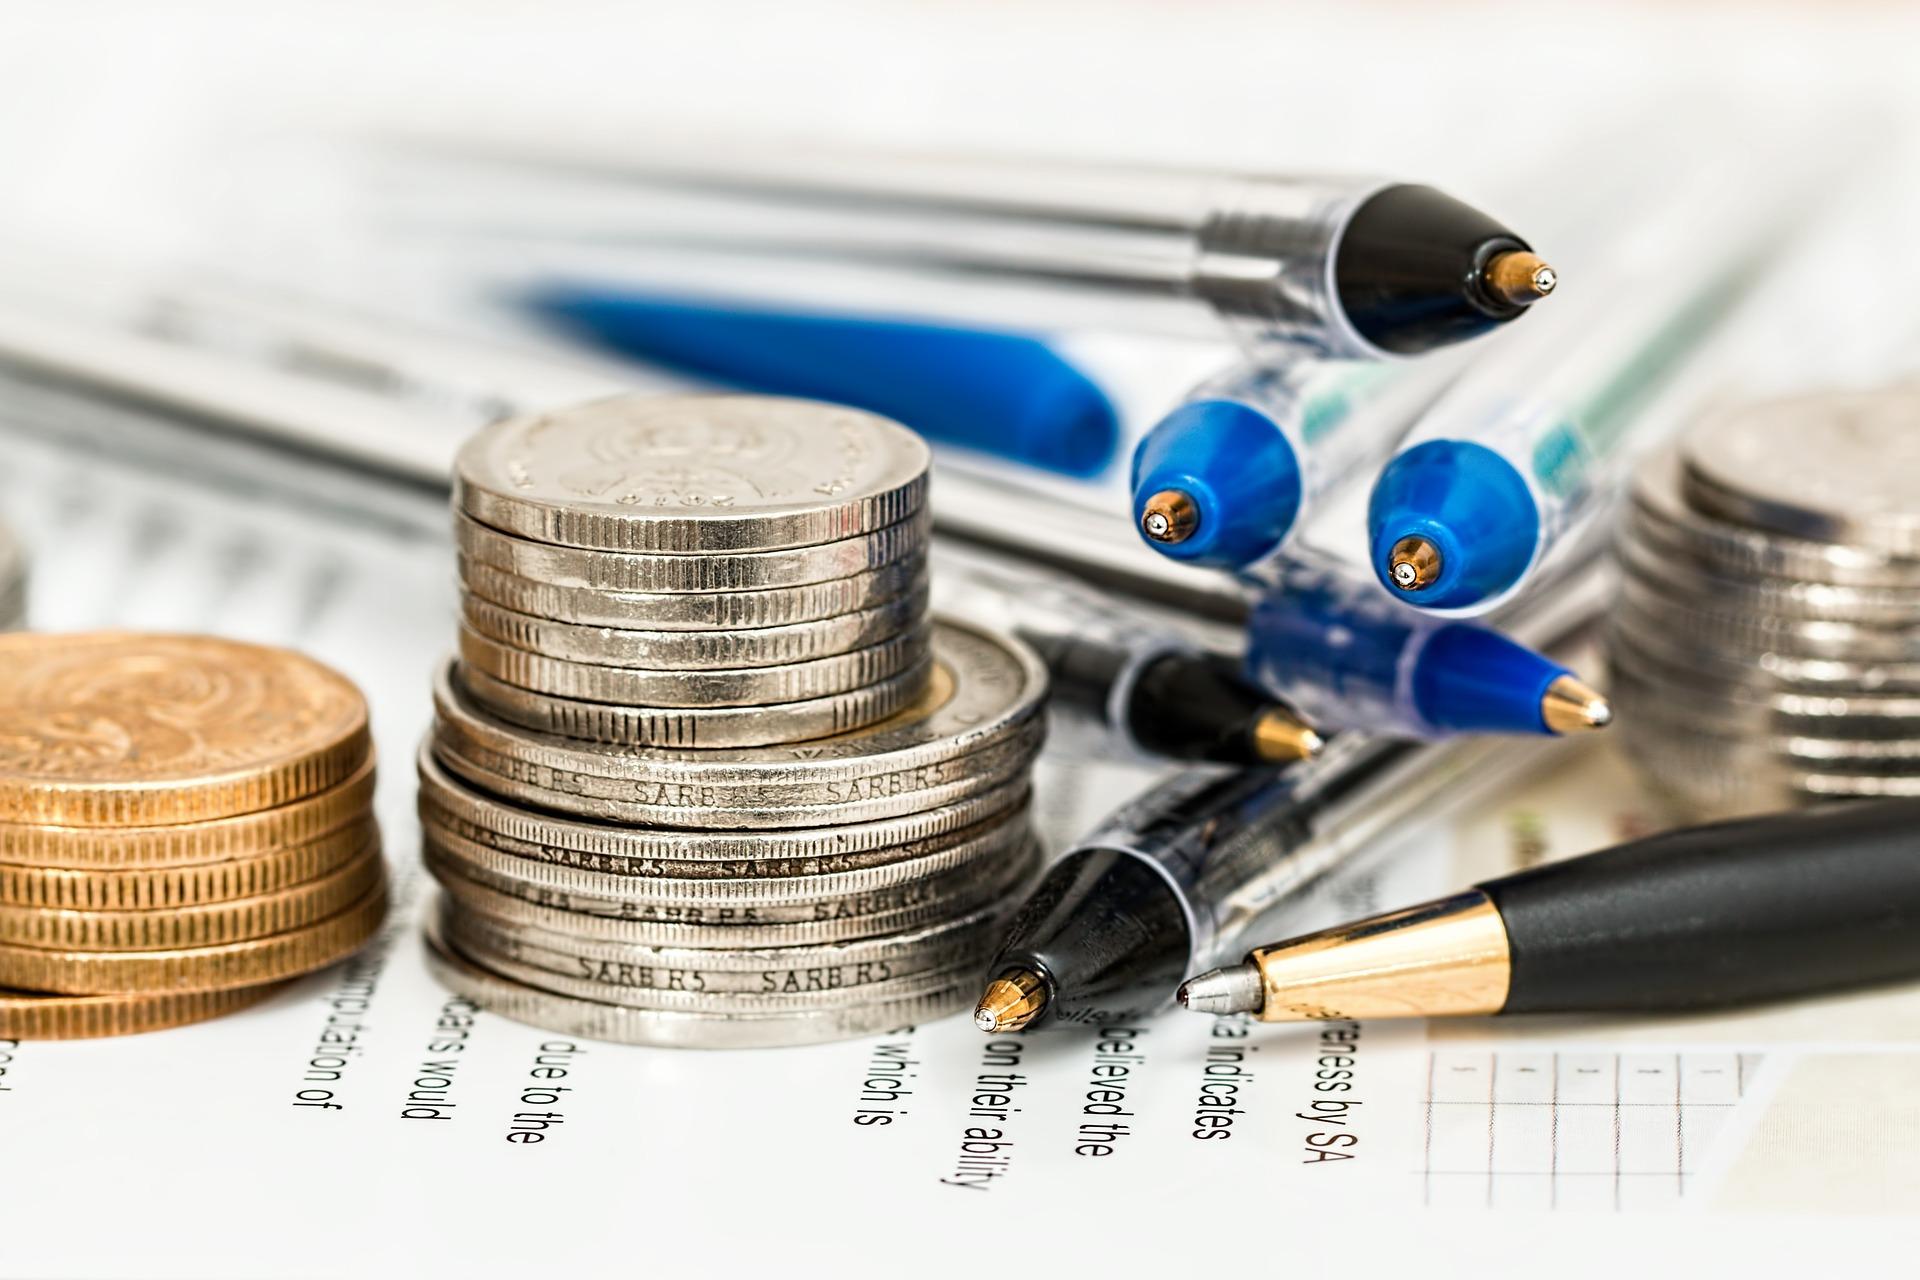 O que é o Imposto de Valor Agregado (IVA), que pode ser incluído na Reforma Tributária?